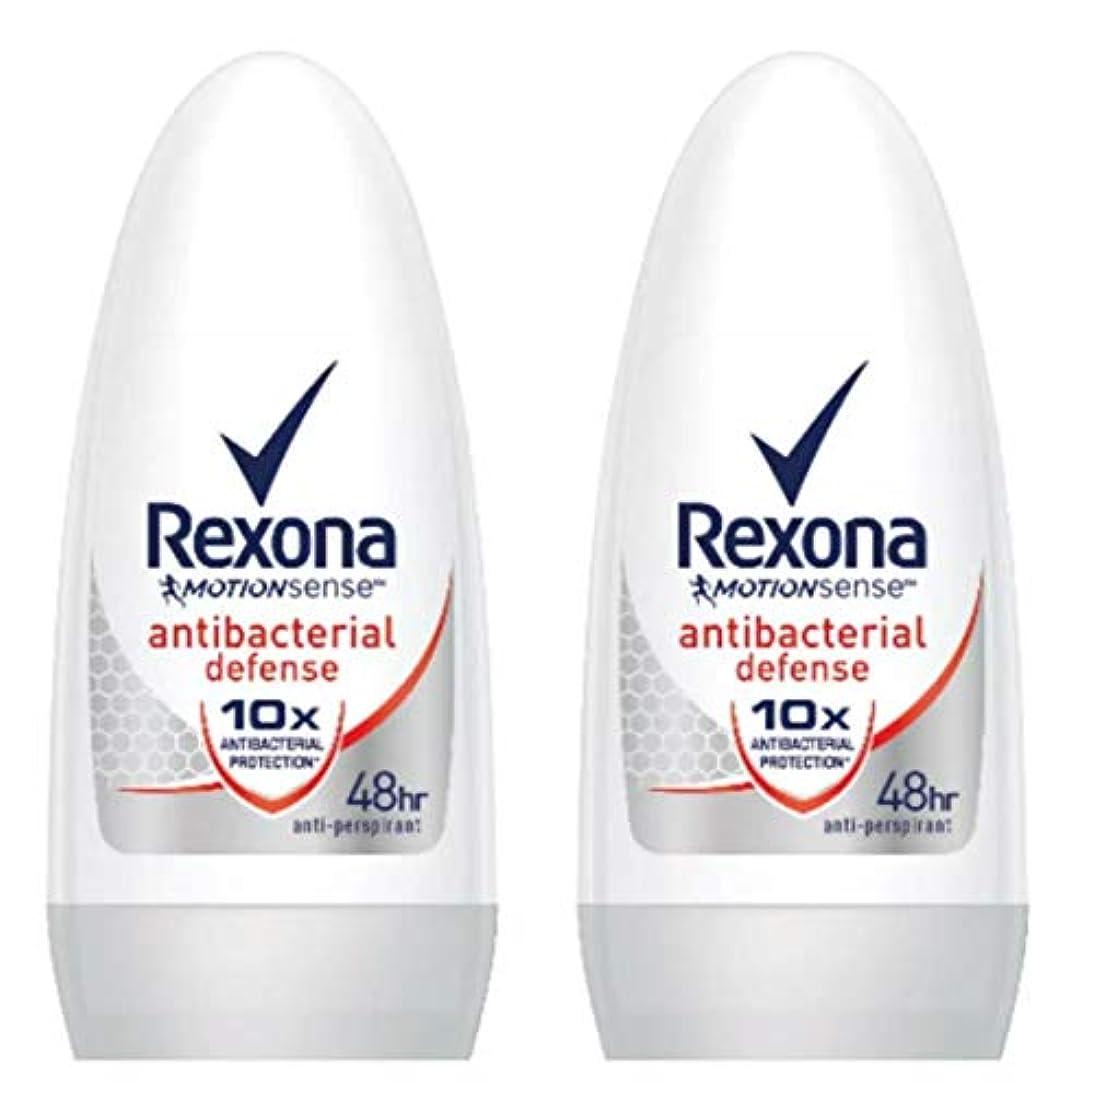 良心的化学者関連付けるRexona レクソナ 制汗 デオドラント ロールオン antibacterial defense アンチバクテリアル ディフェンス50ml 2個 [並行輸入品]